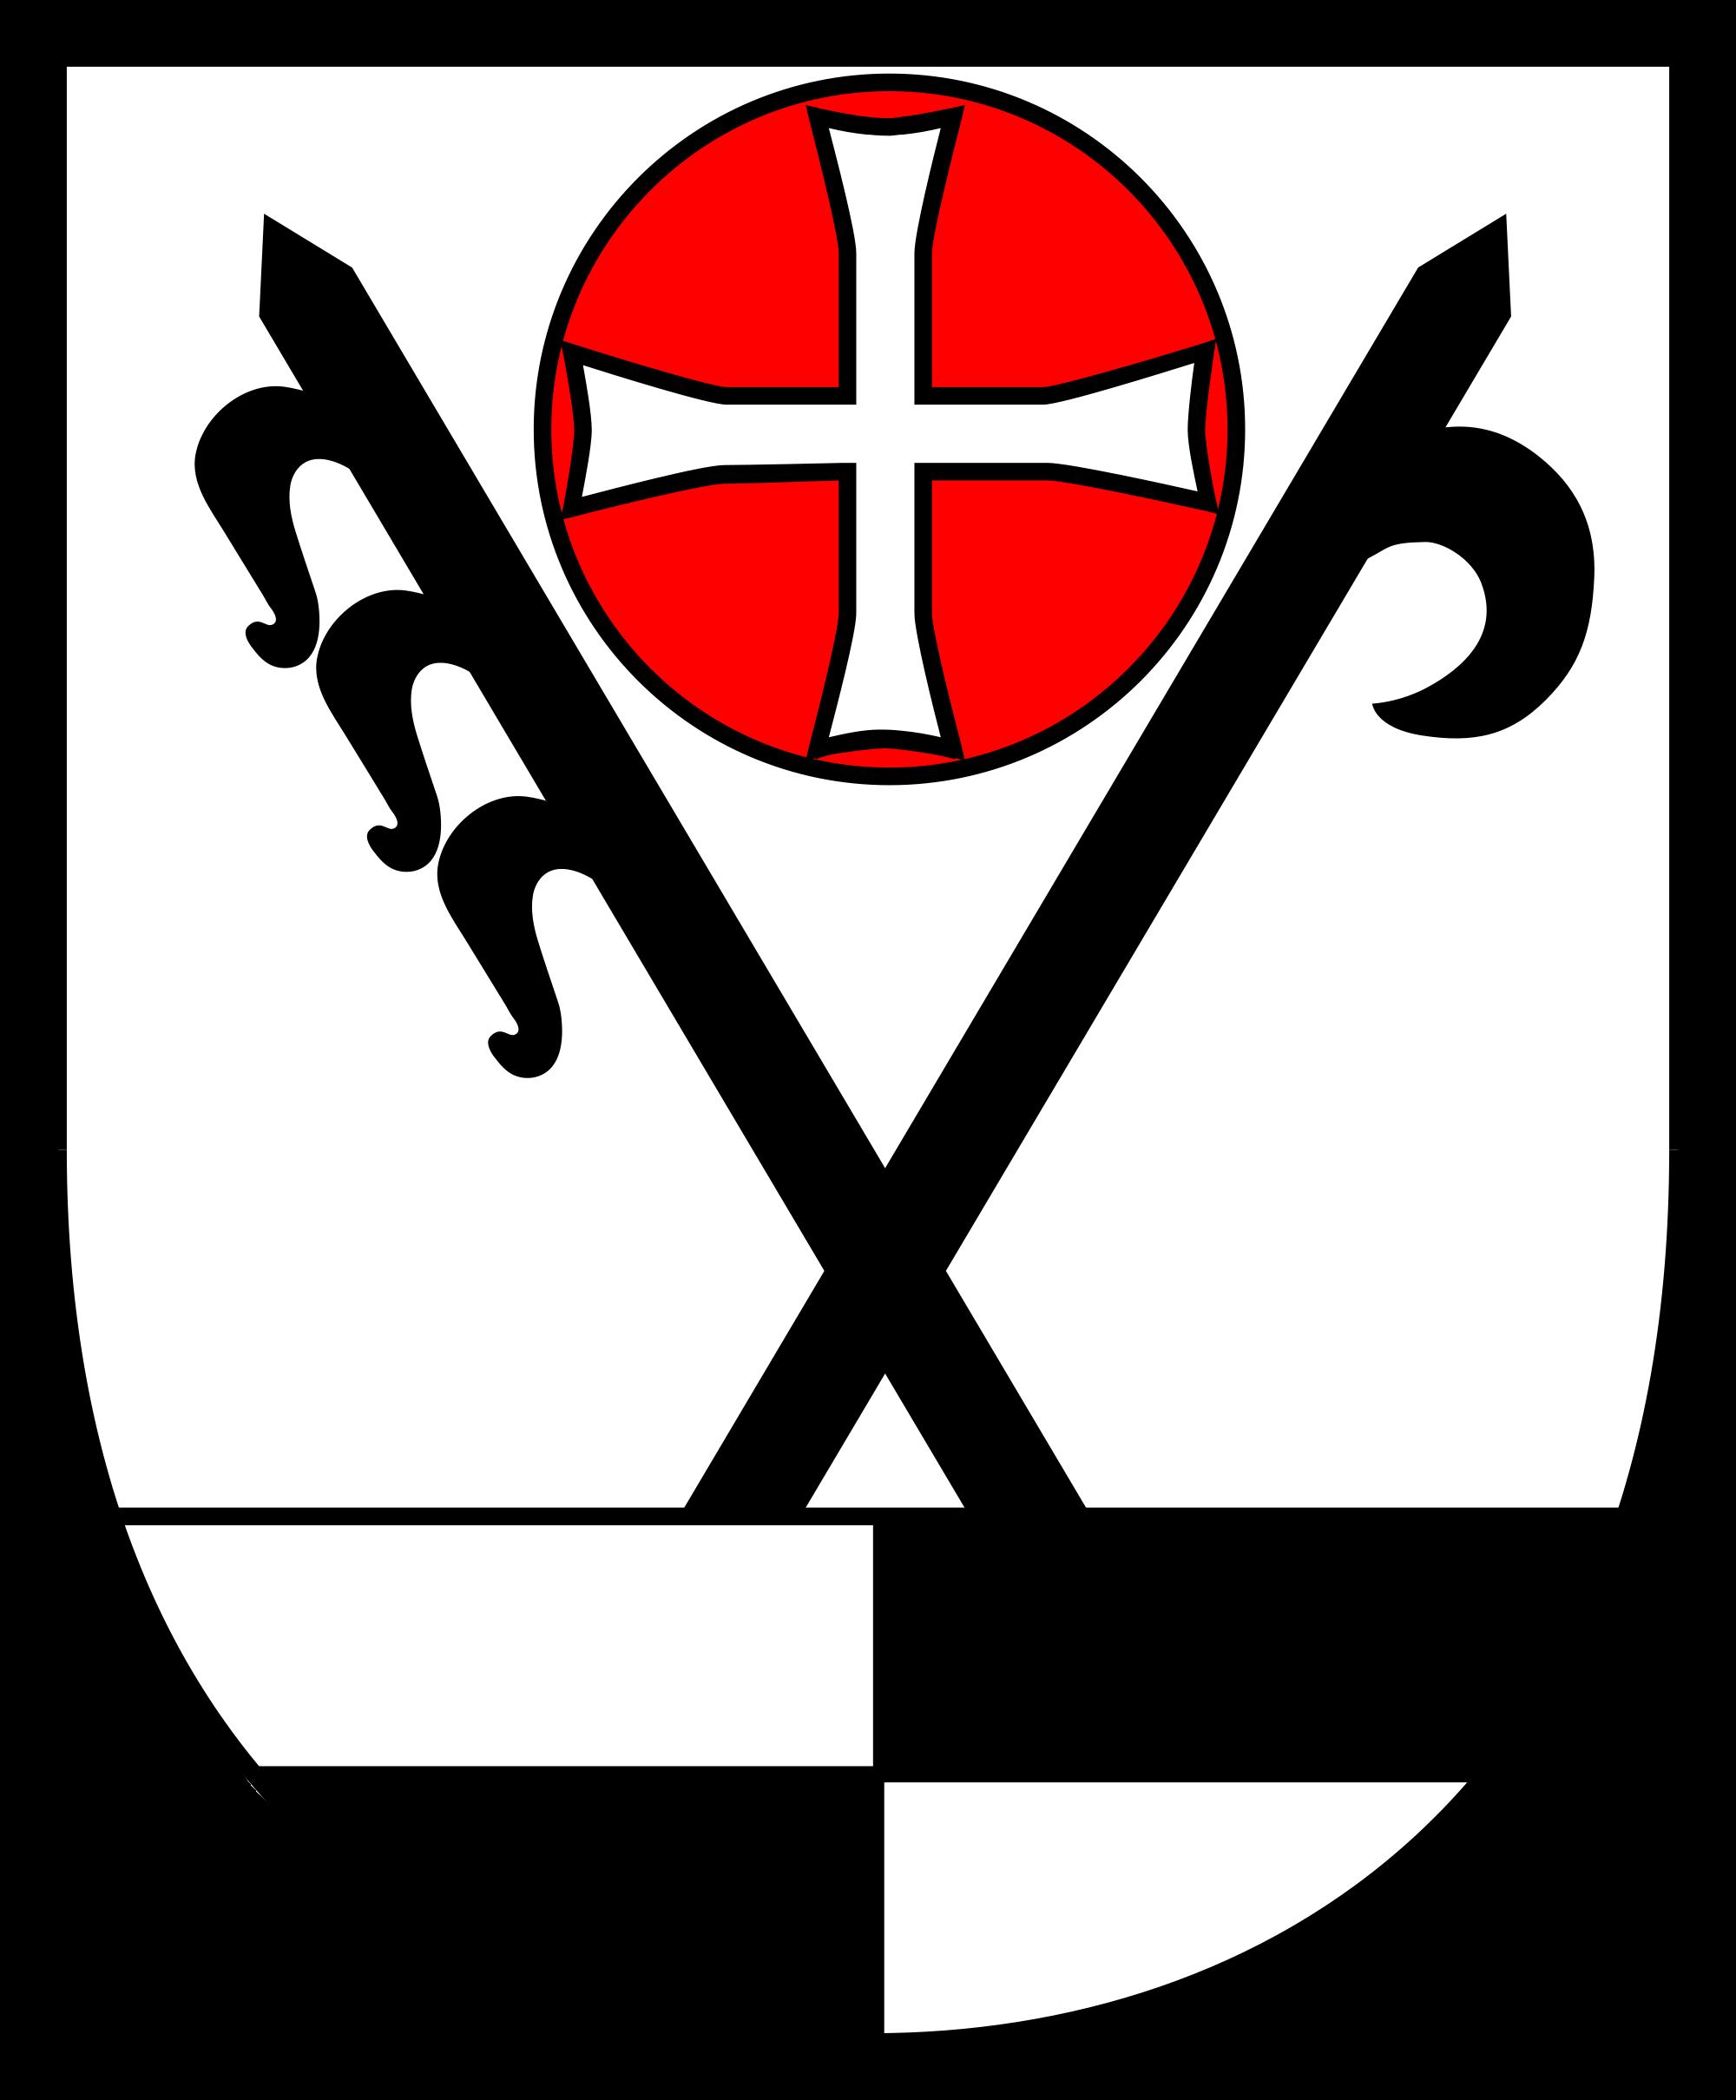 File:Wappen Landkreis Schwaebisch Hall.svg.